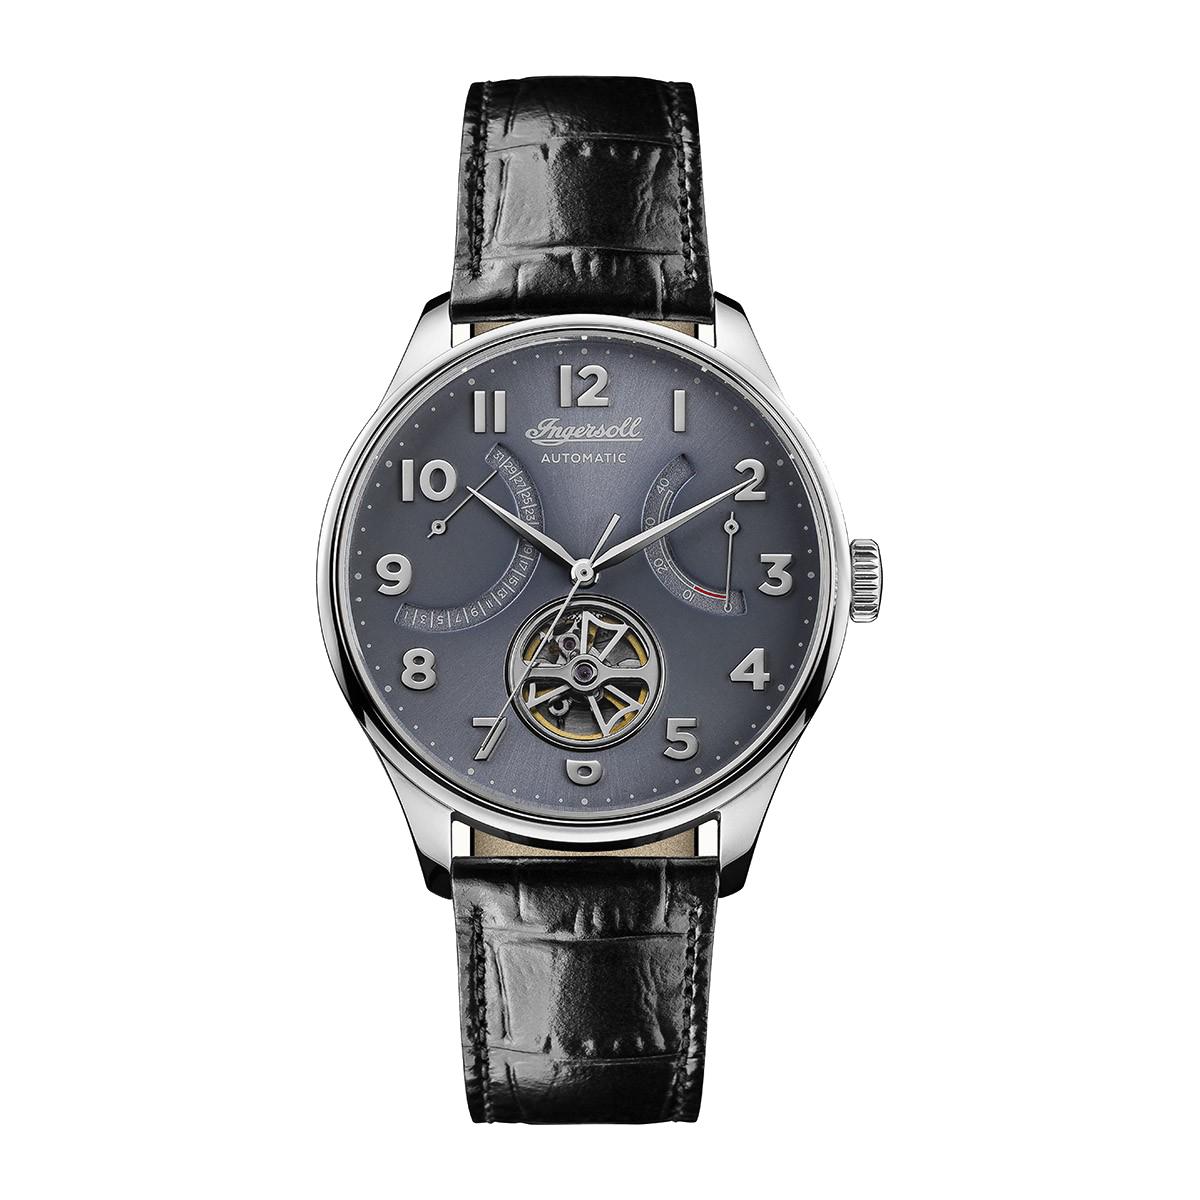 ساعت مچی عقربه ای مردانه اینگرسل مدل I04604 15